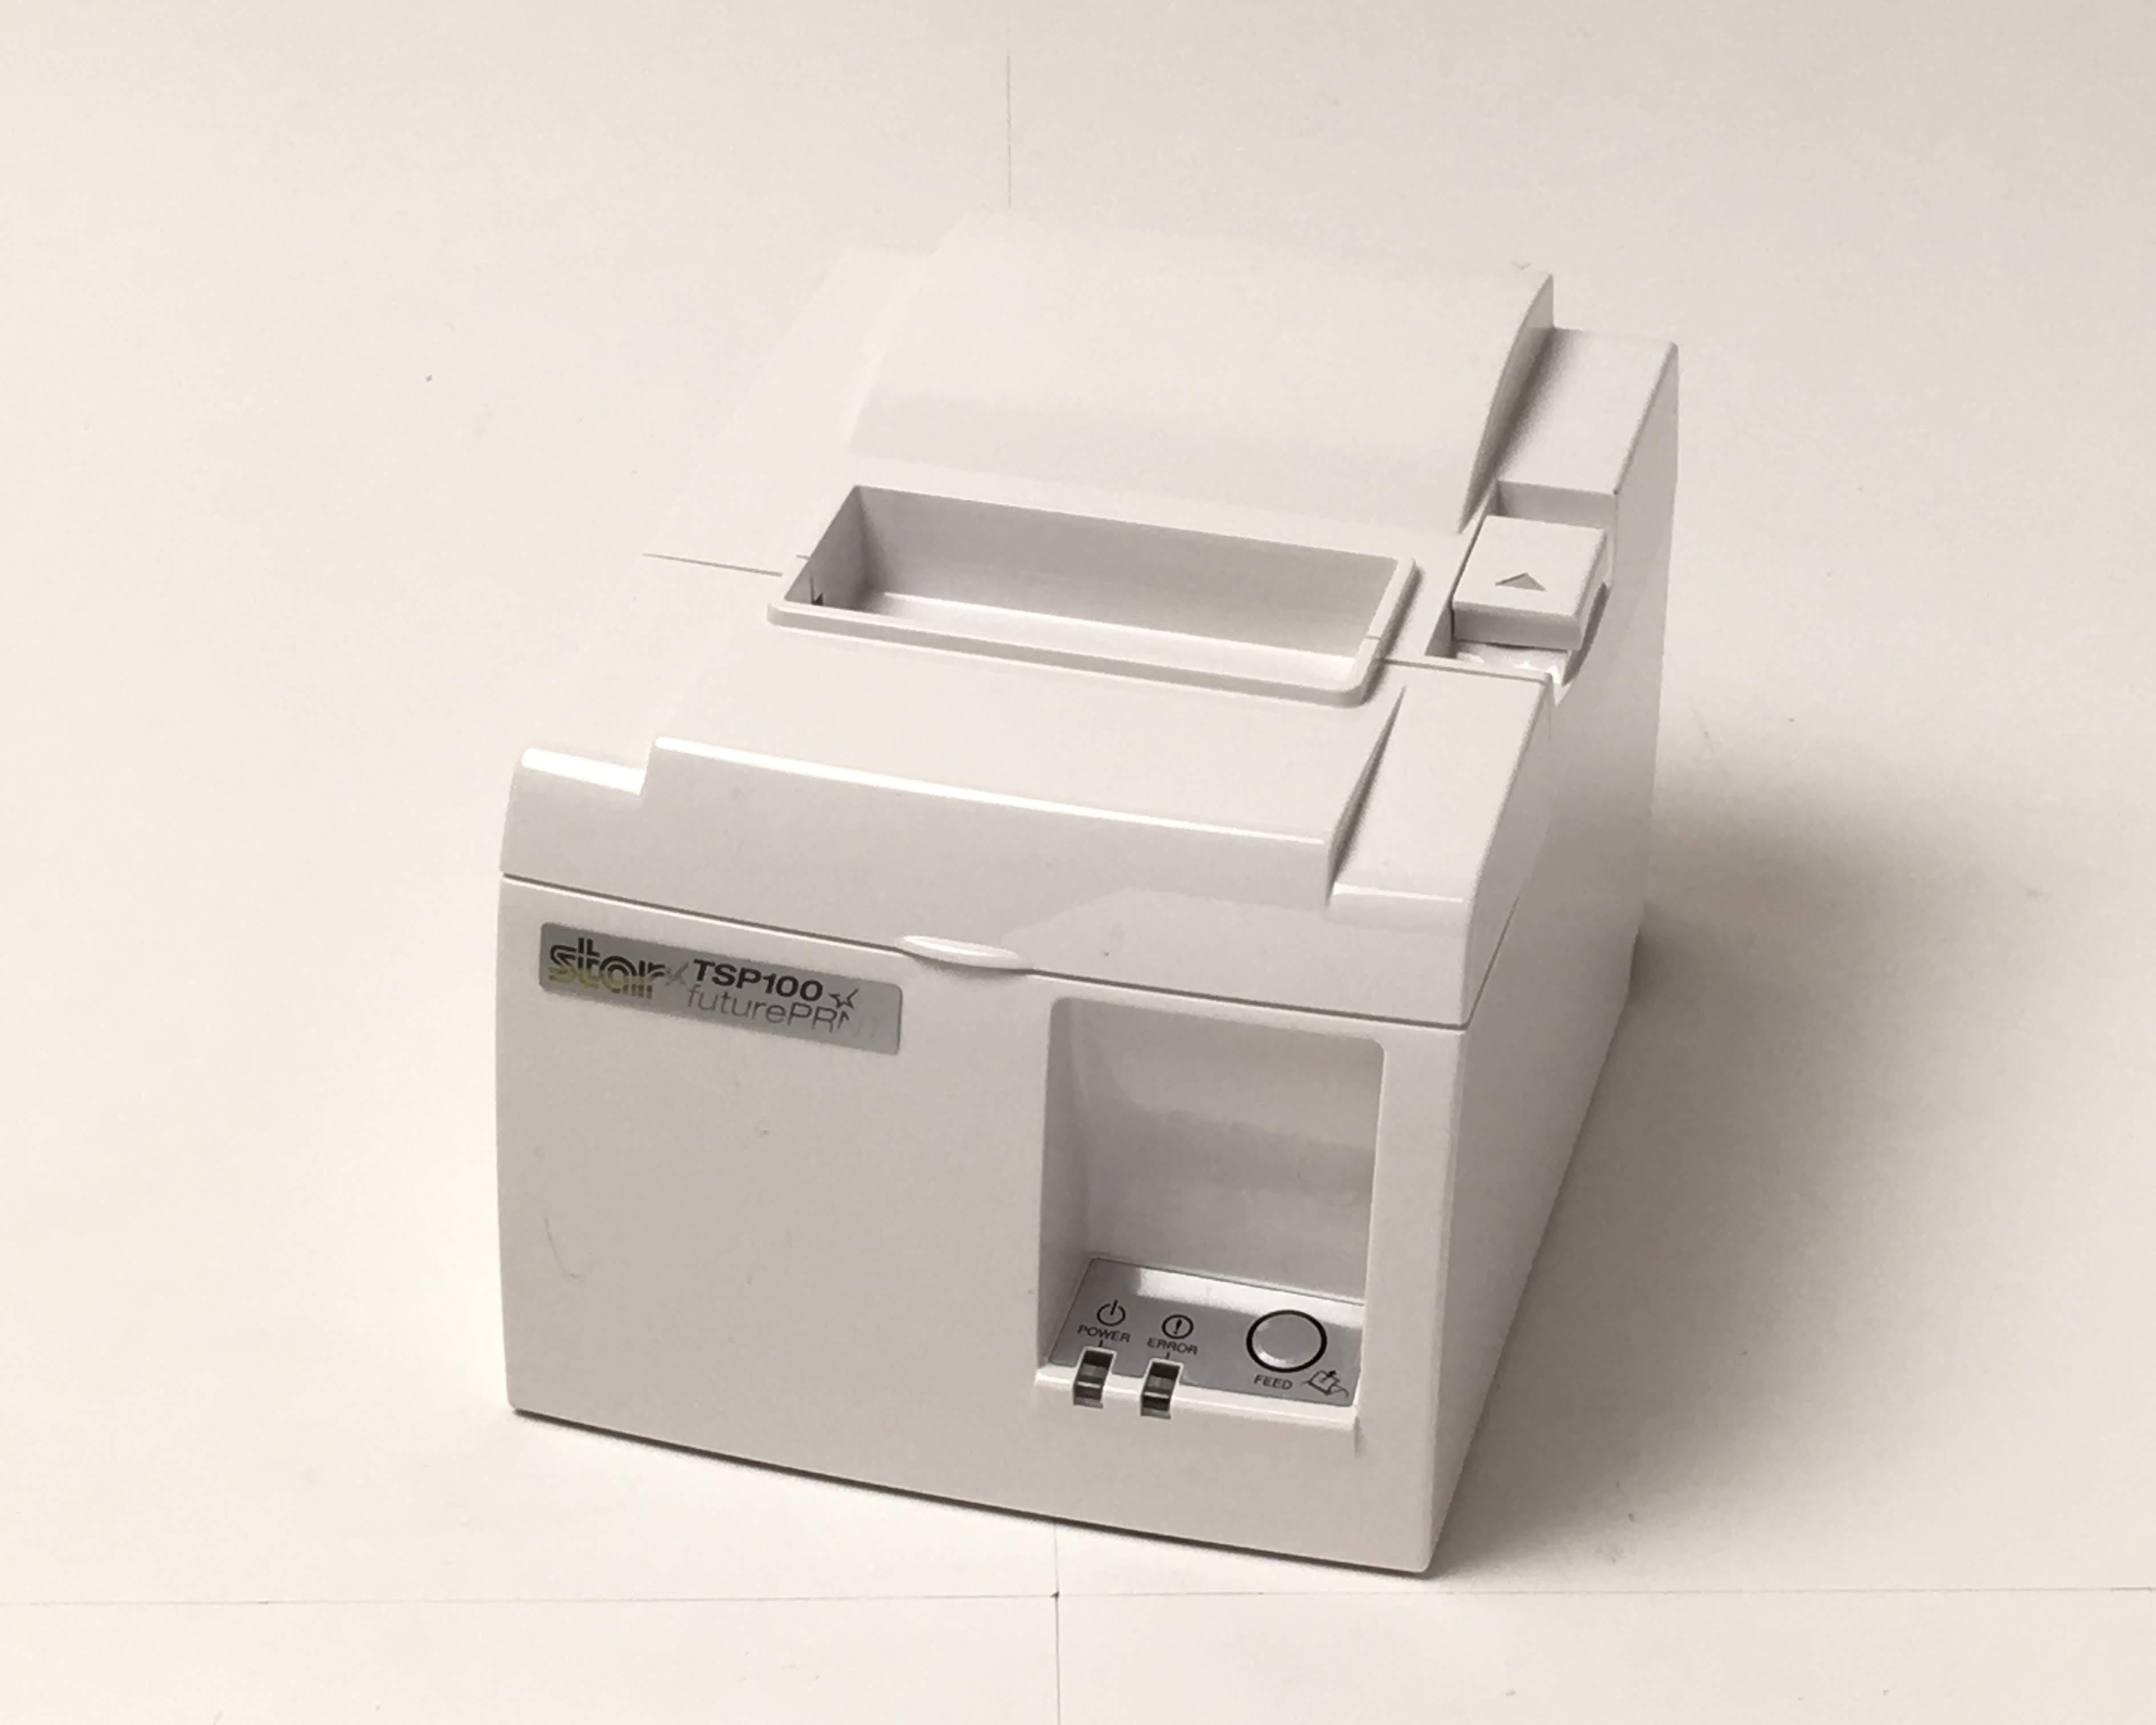 【優良中古】レシートプリンタ Star TSP100シリーズ TSP143GT(USB/80mm)ホワイト メイン画像